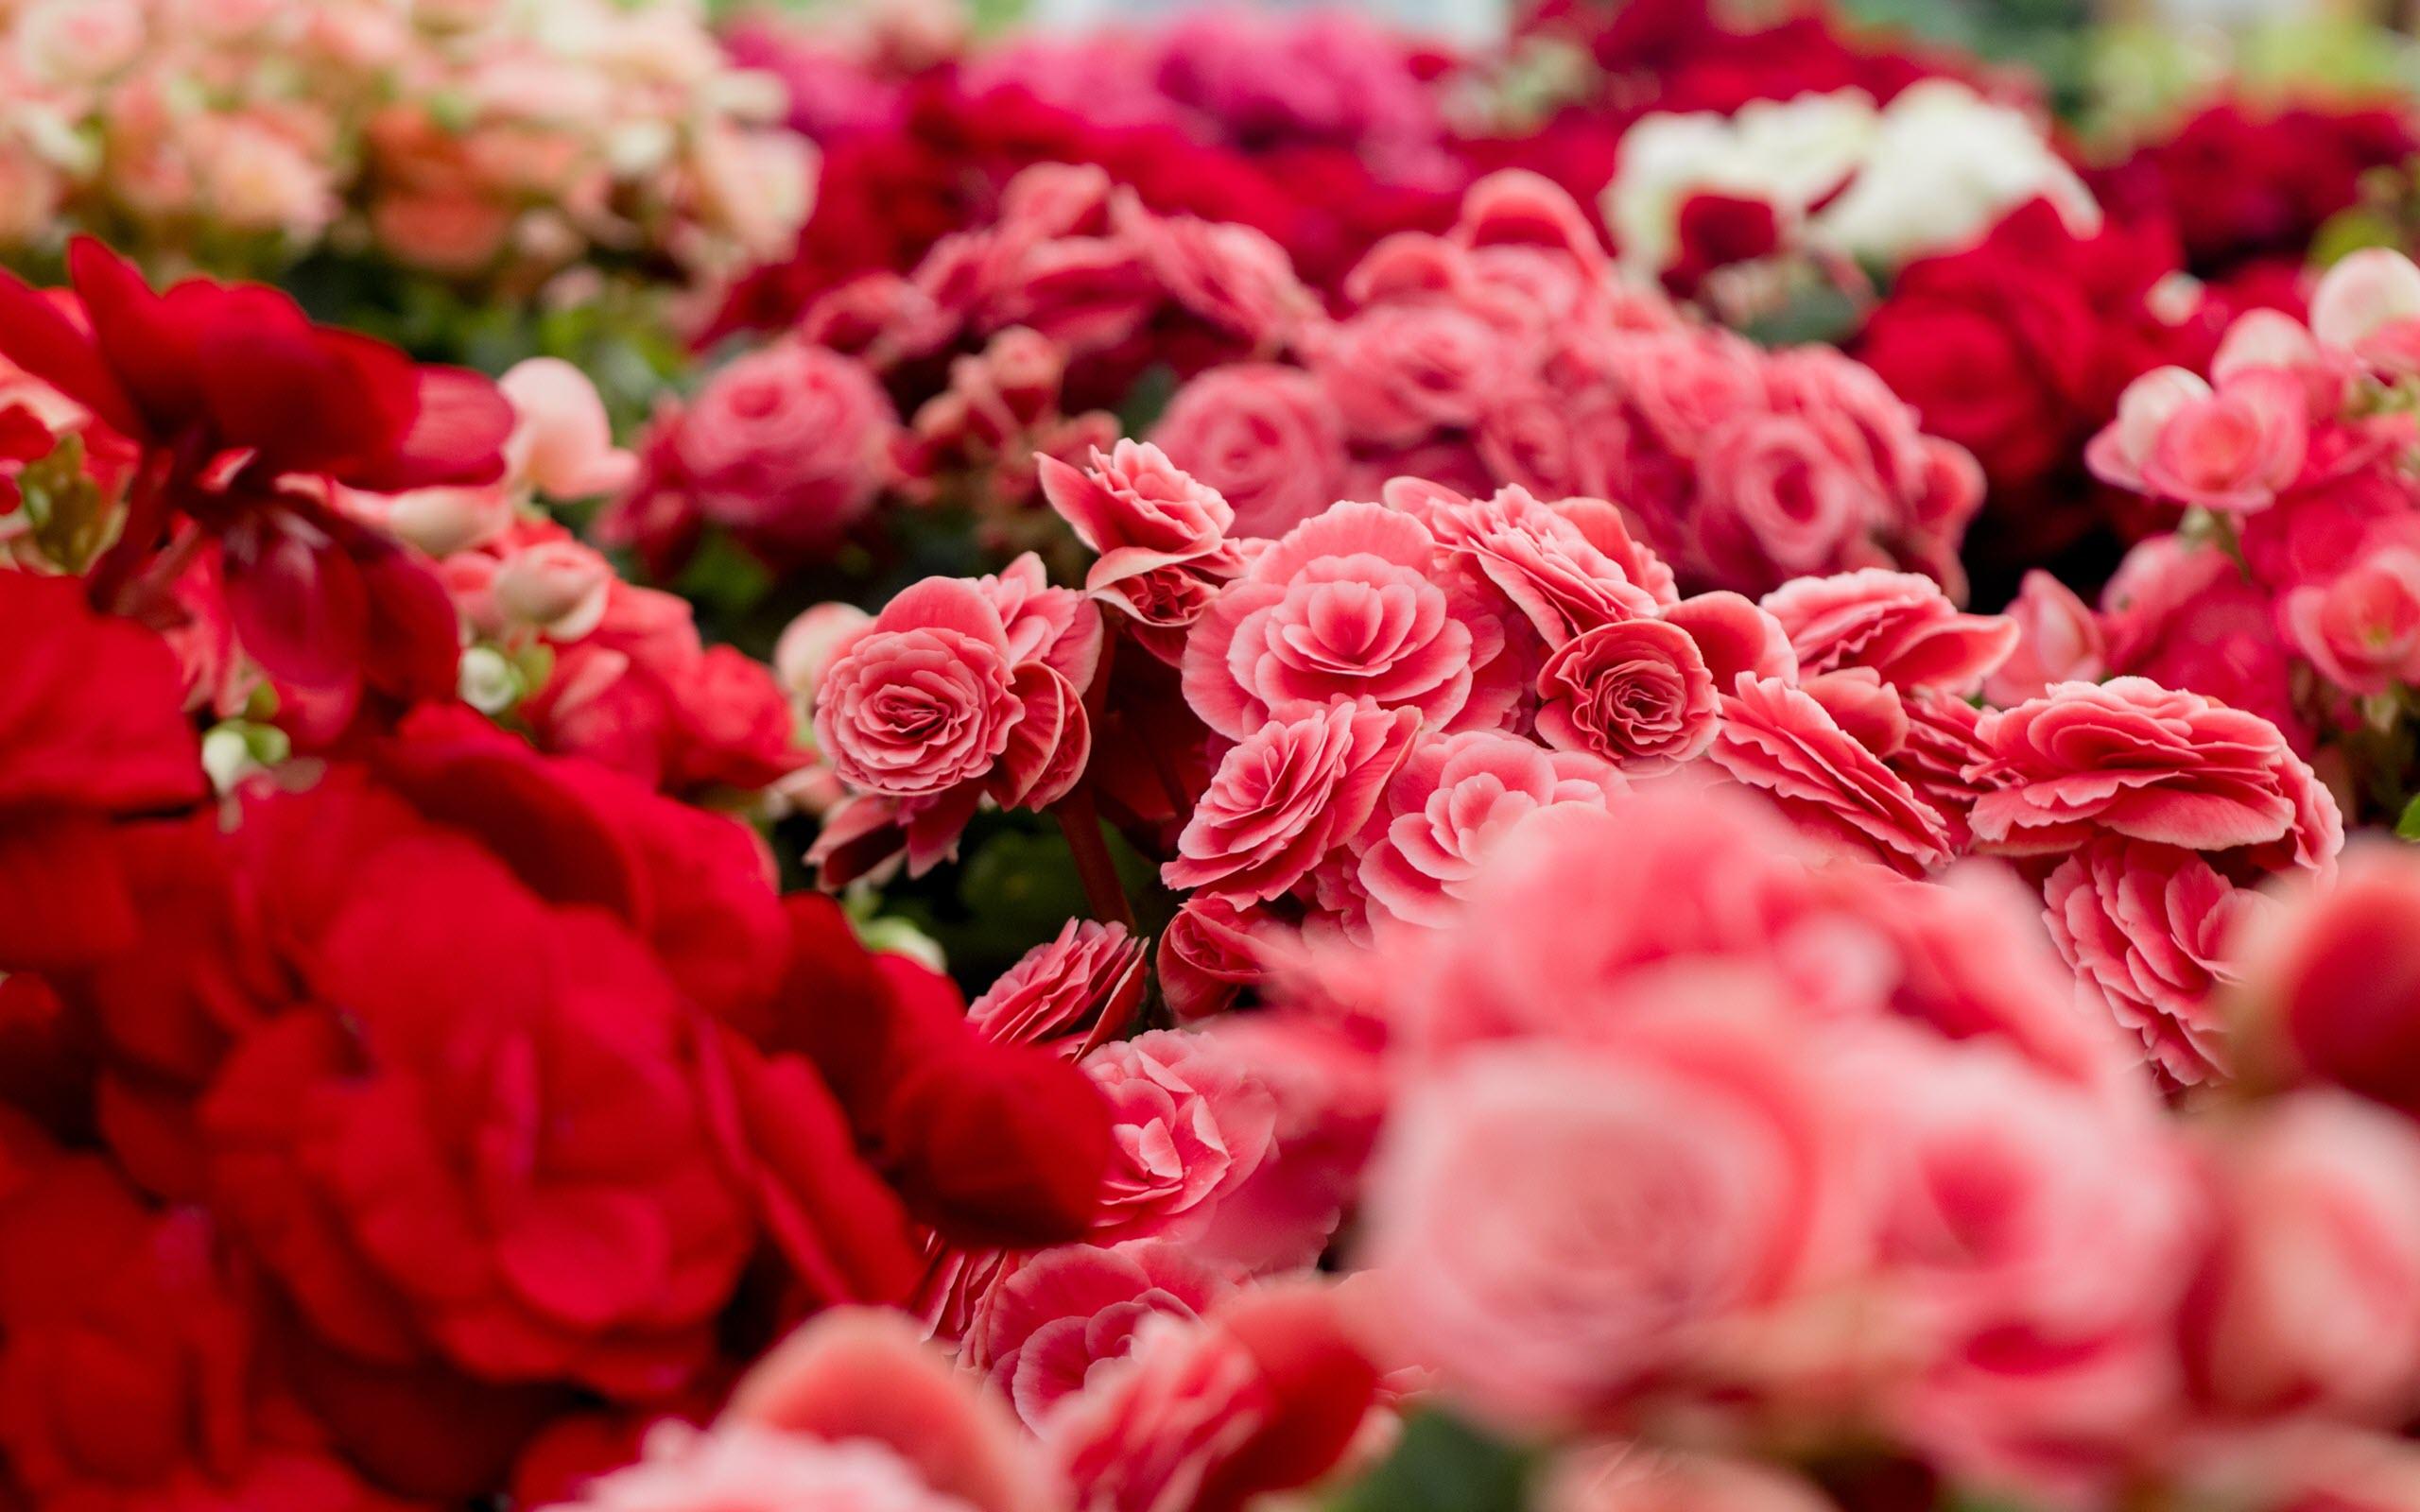 Hình nền hoa mùa xuân trong trẻo đẹp